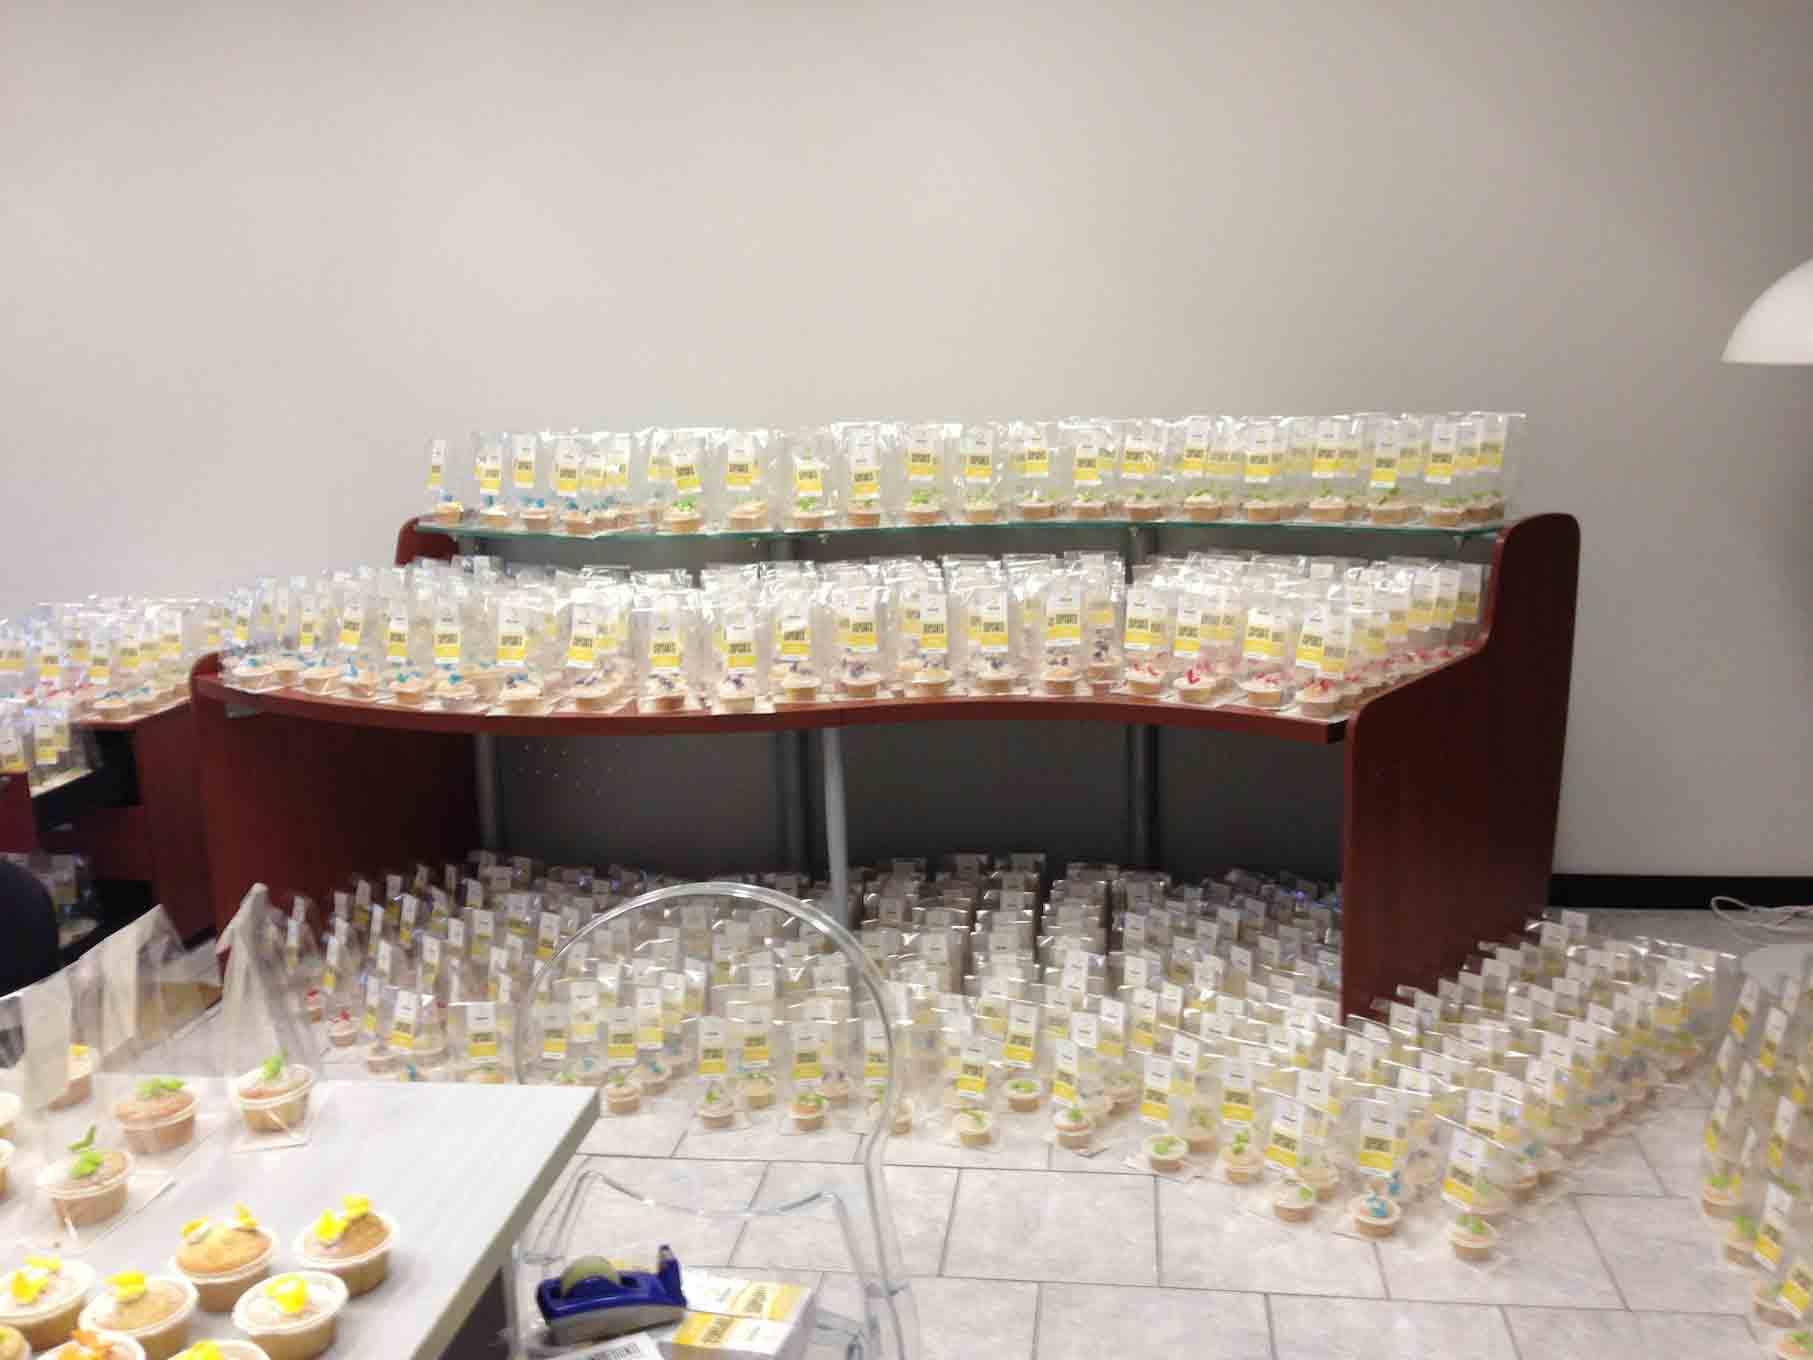 Succede a Lilliput: futuri chef sfornano 4 mila cupcake. iSchool addolcisce Lilliput con 4 mila cupcake